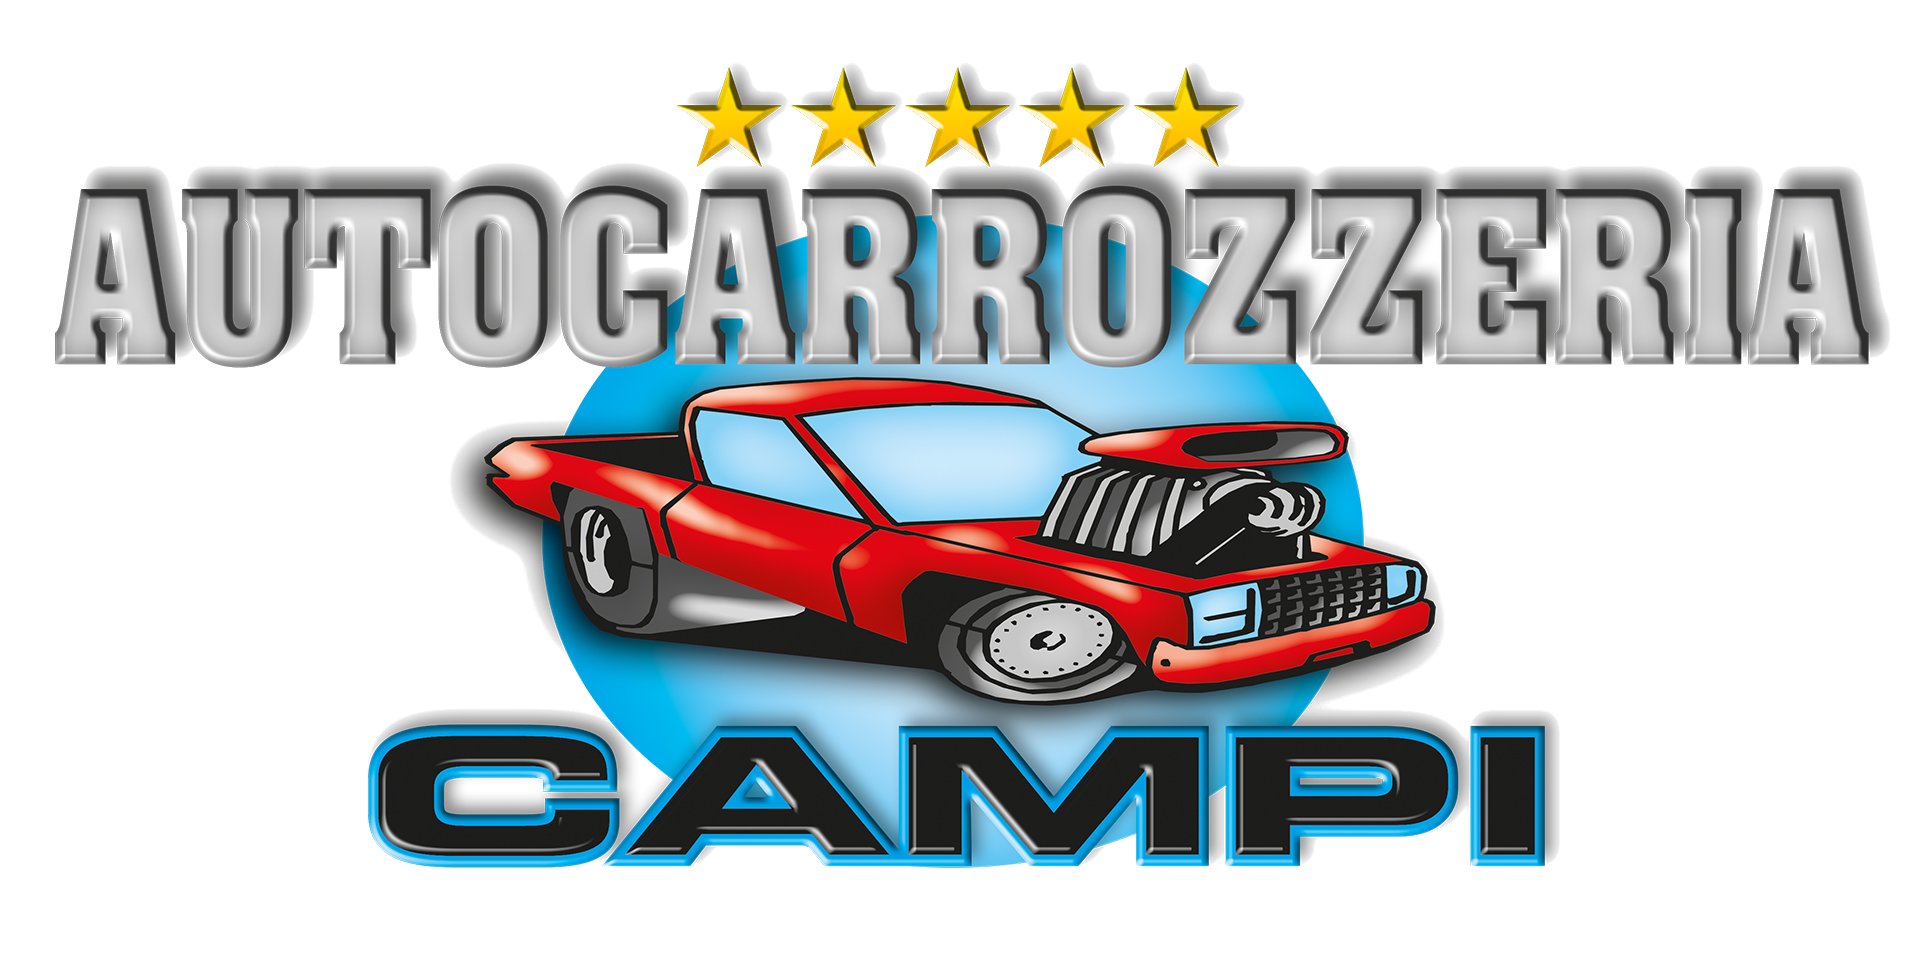 autocampi.it - Autocarrozzeria Campi